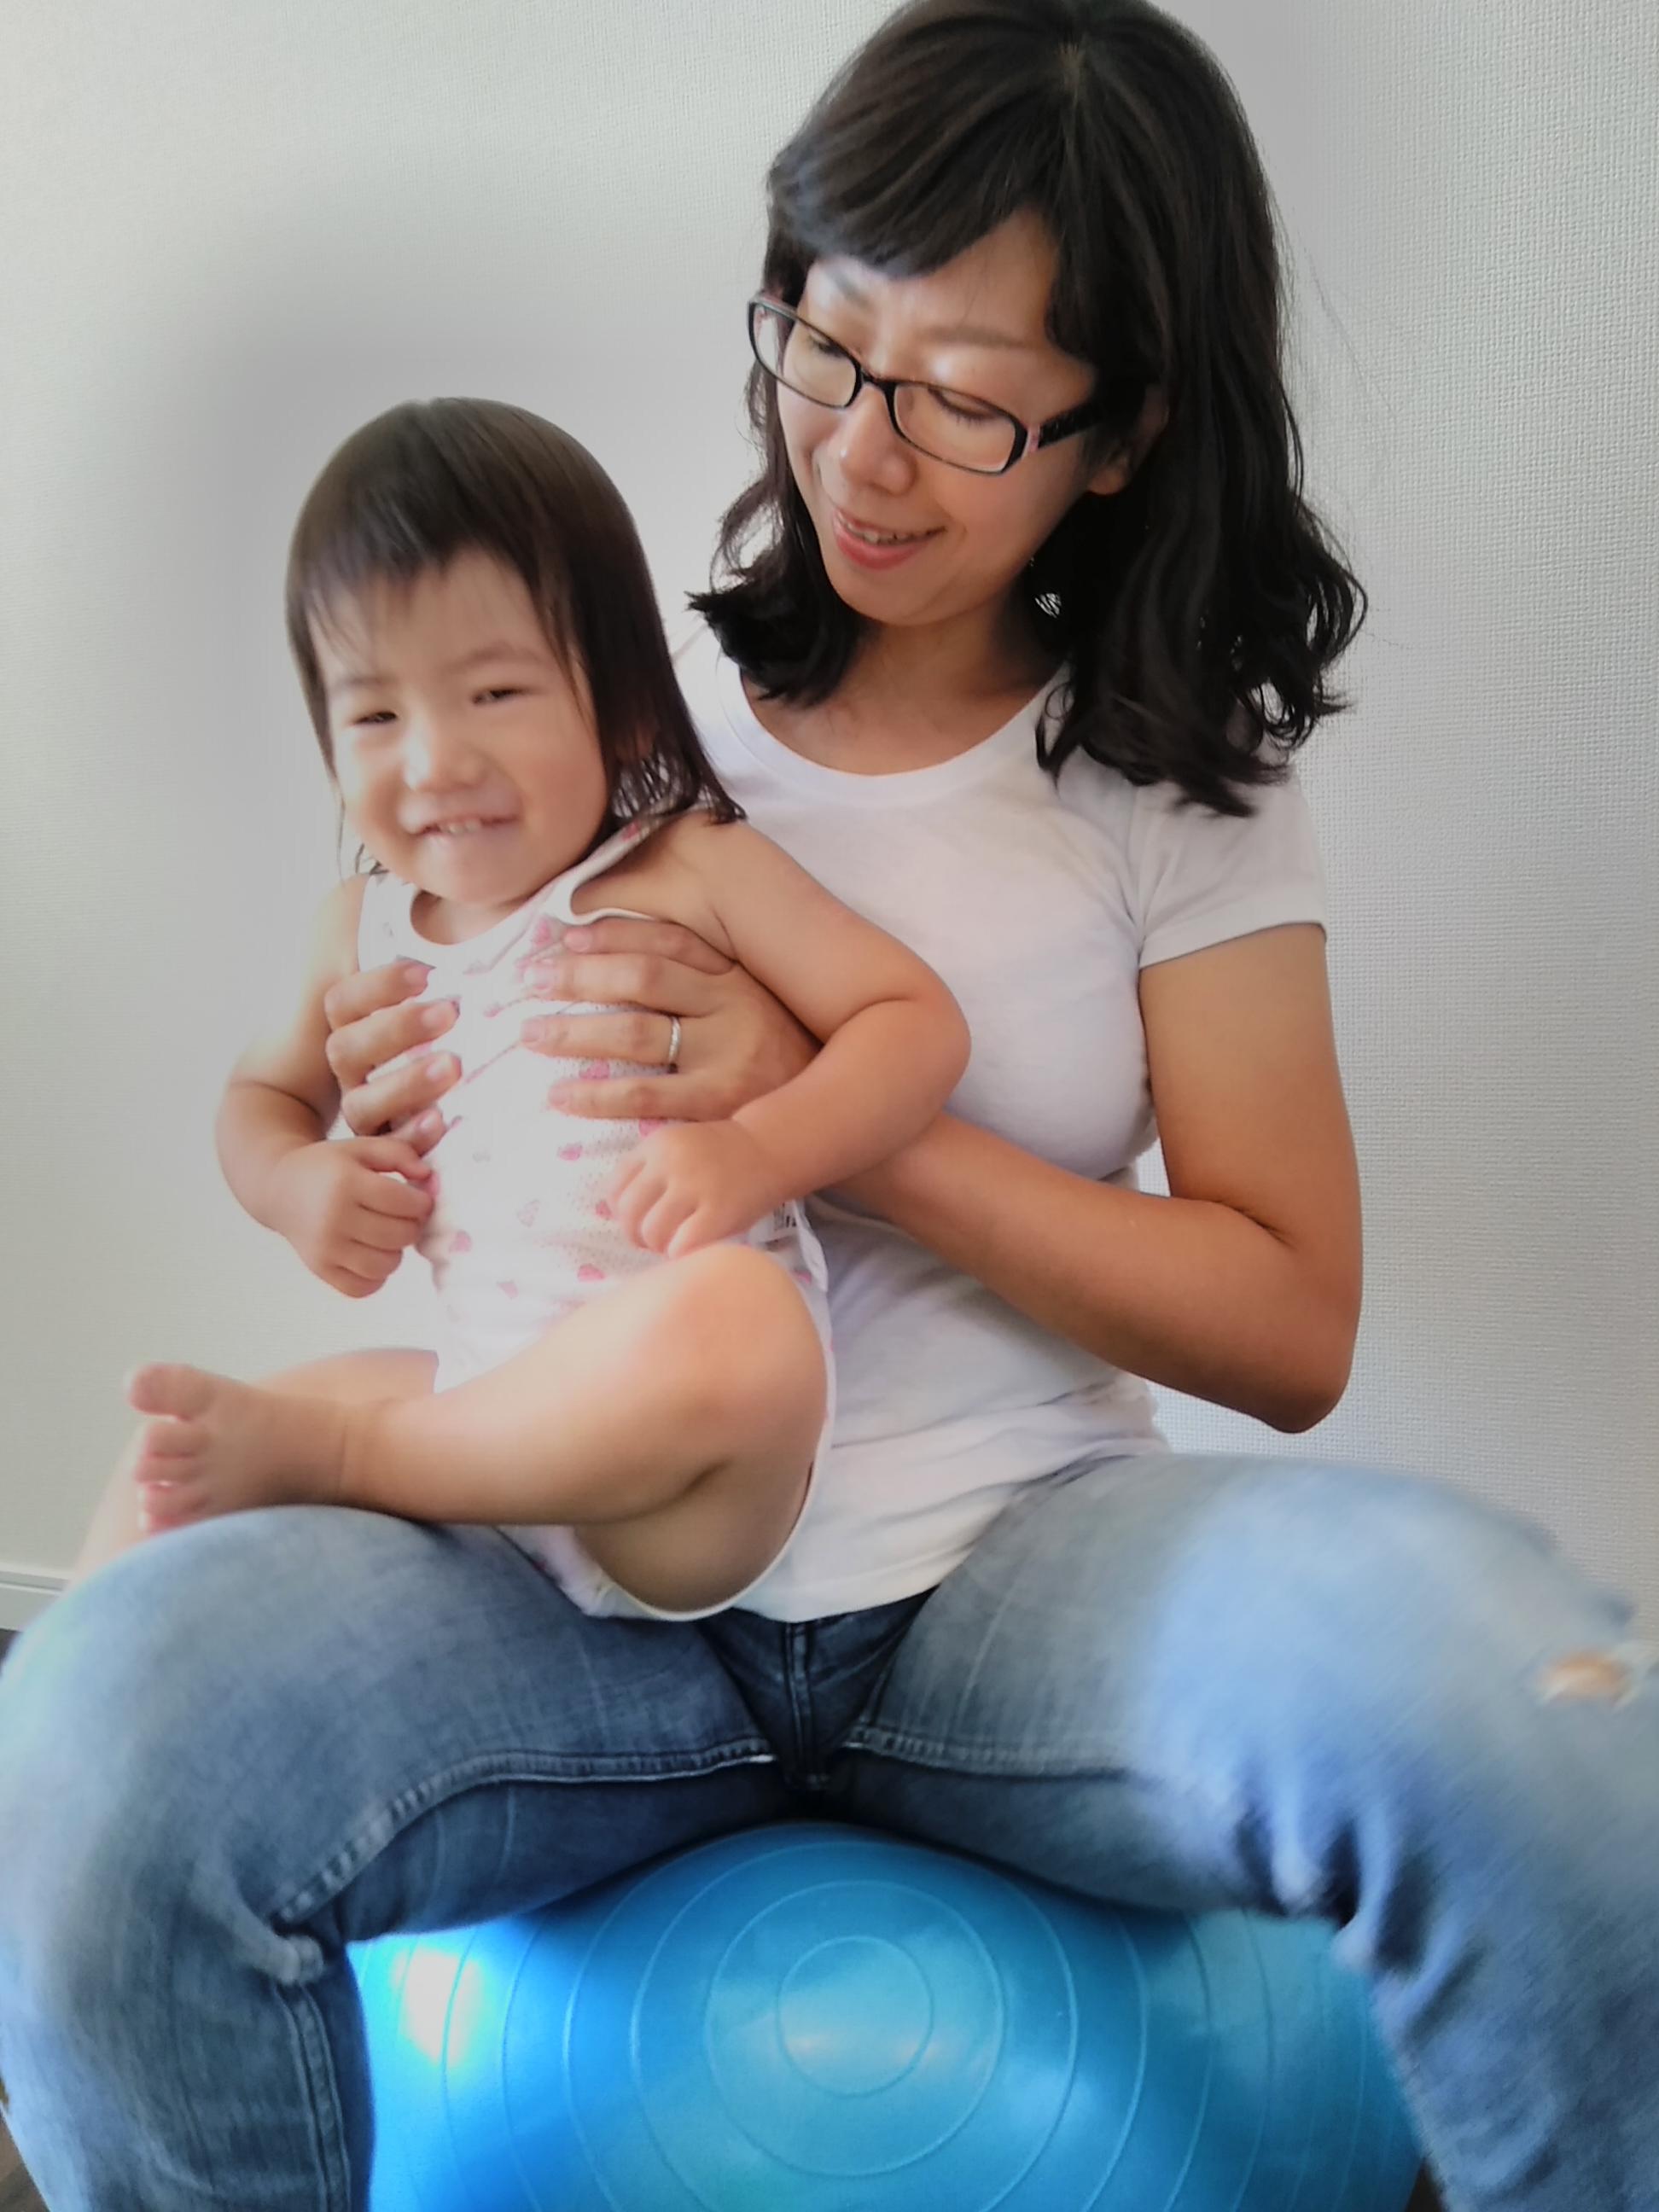 赤ちゃんと一緒にバランスボール体験